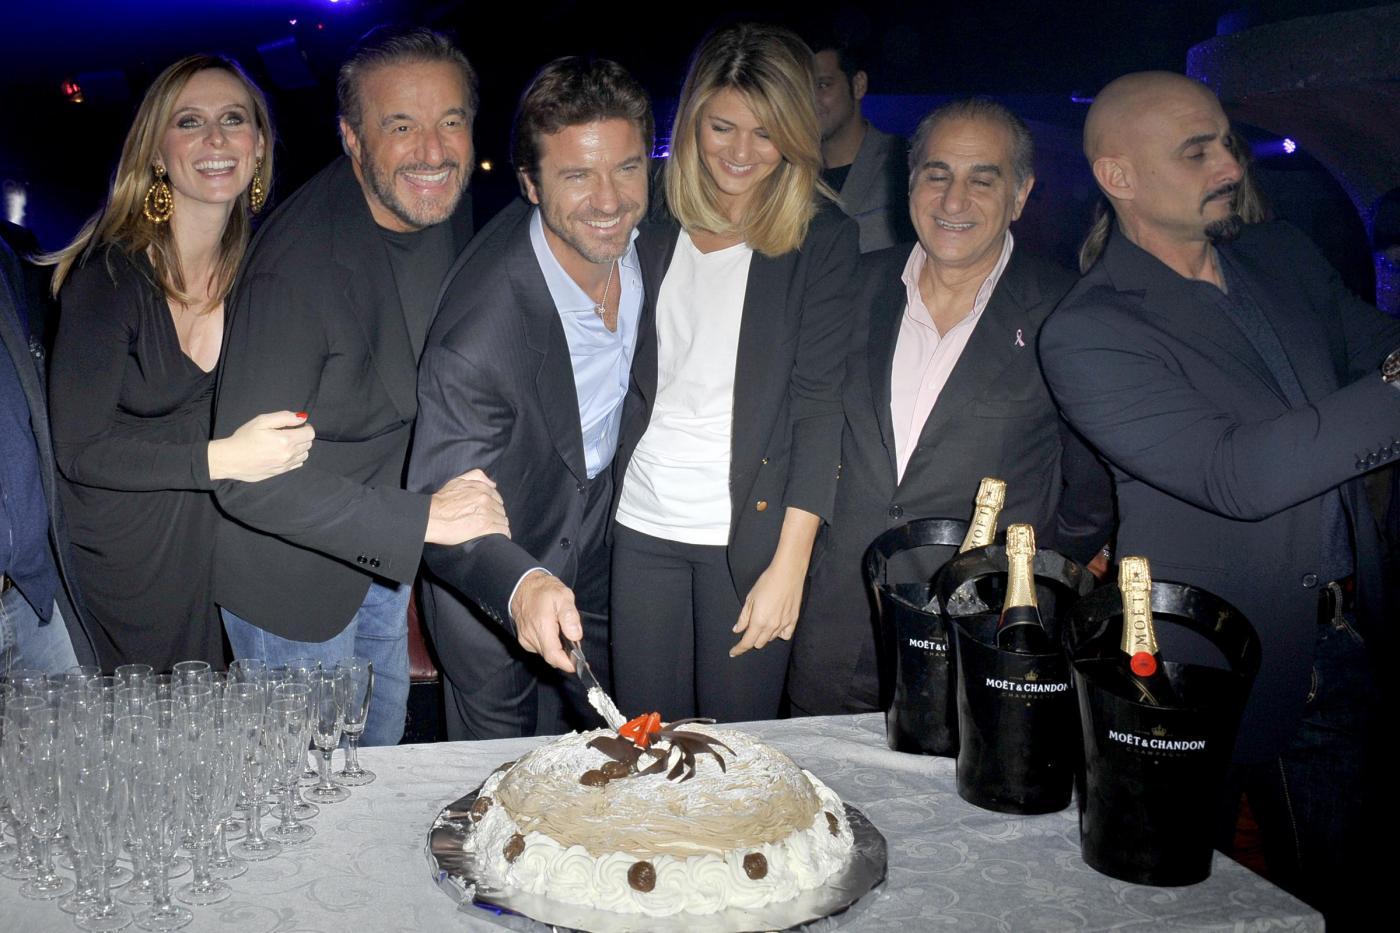 Roma, Compleanno di Paolo Conticini all'Art Cafè di Villa borghese006